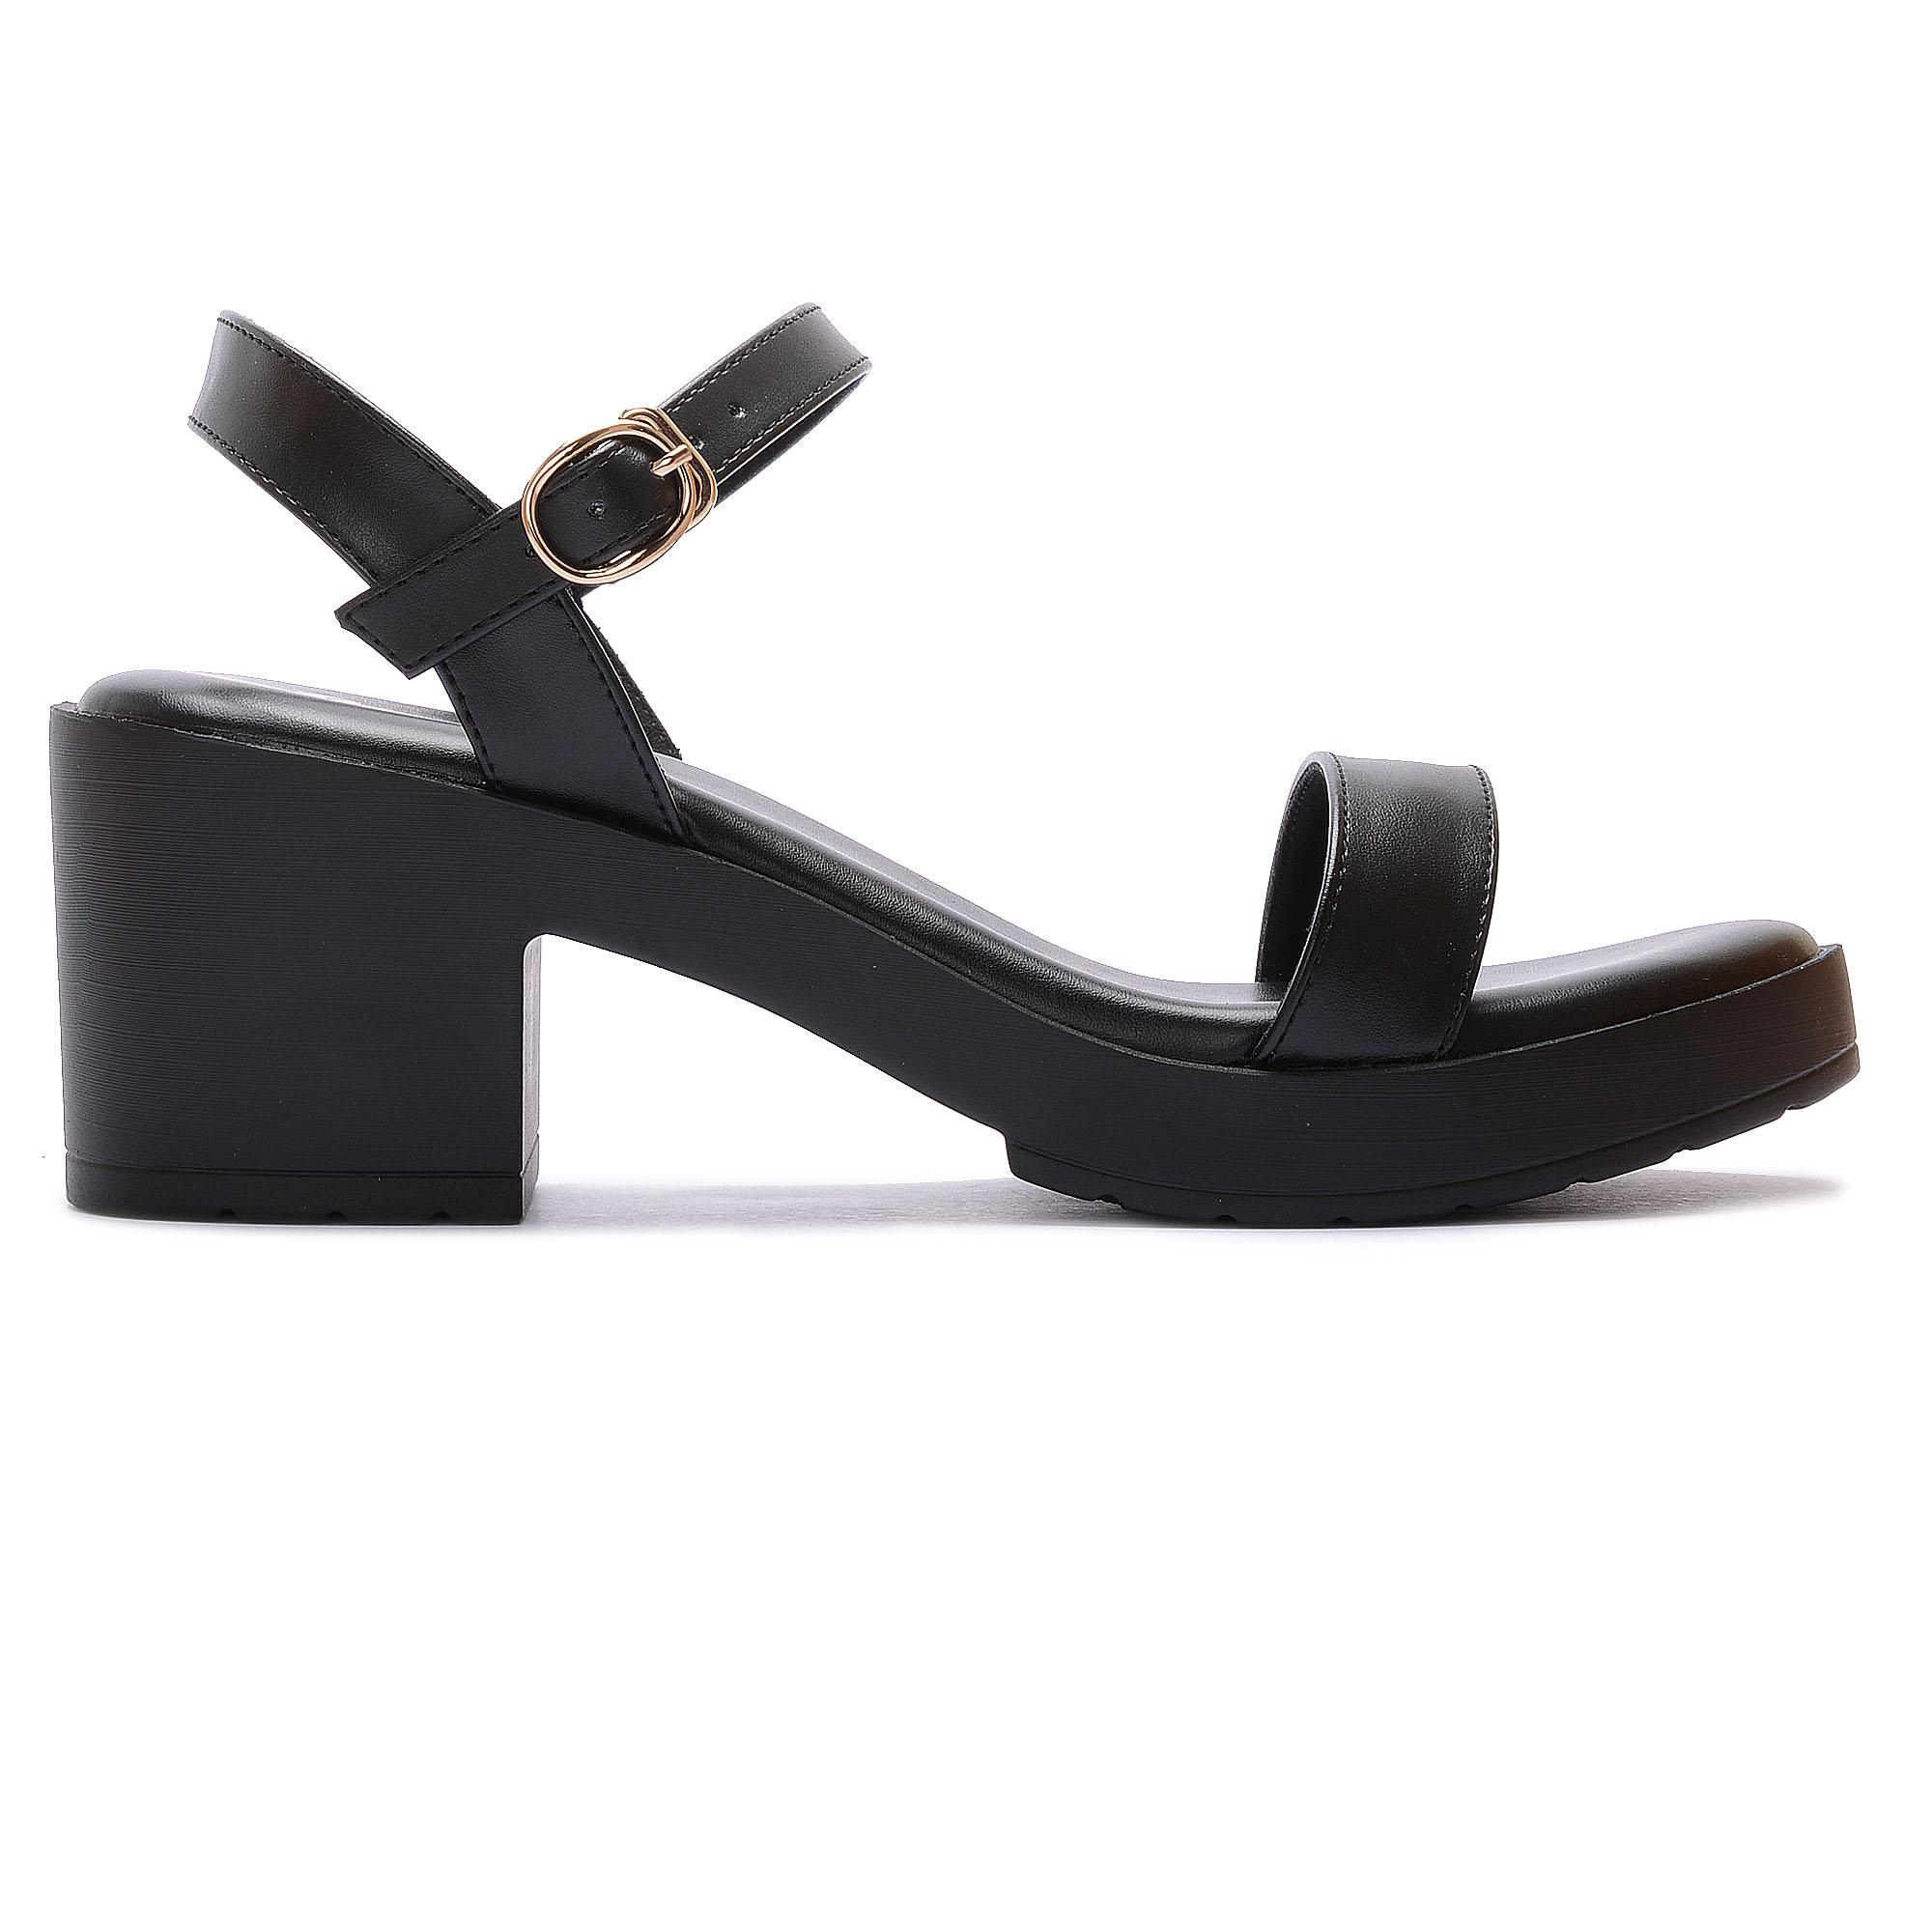 6a22eaf898c Bata Shoes singapore - Shop Bata Shoes For Women Online